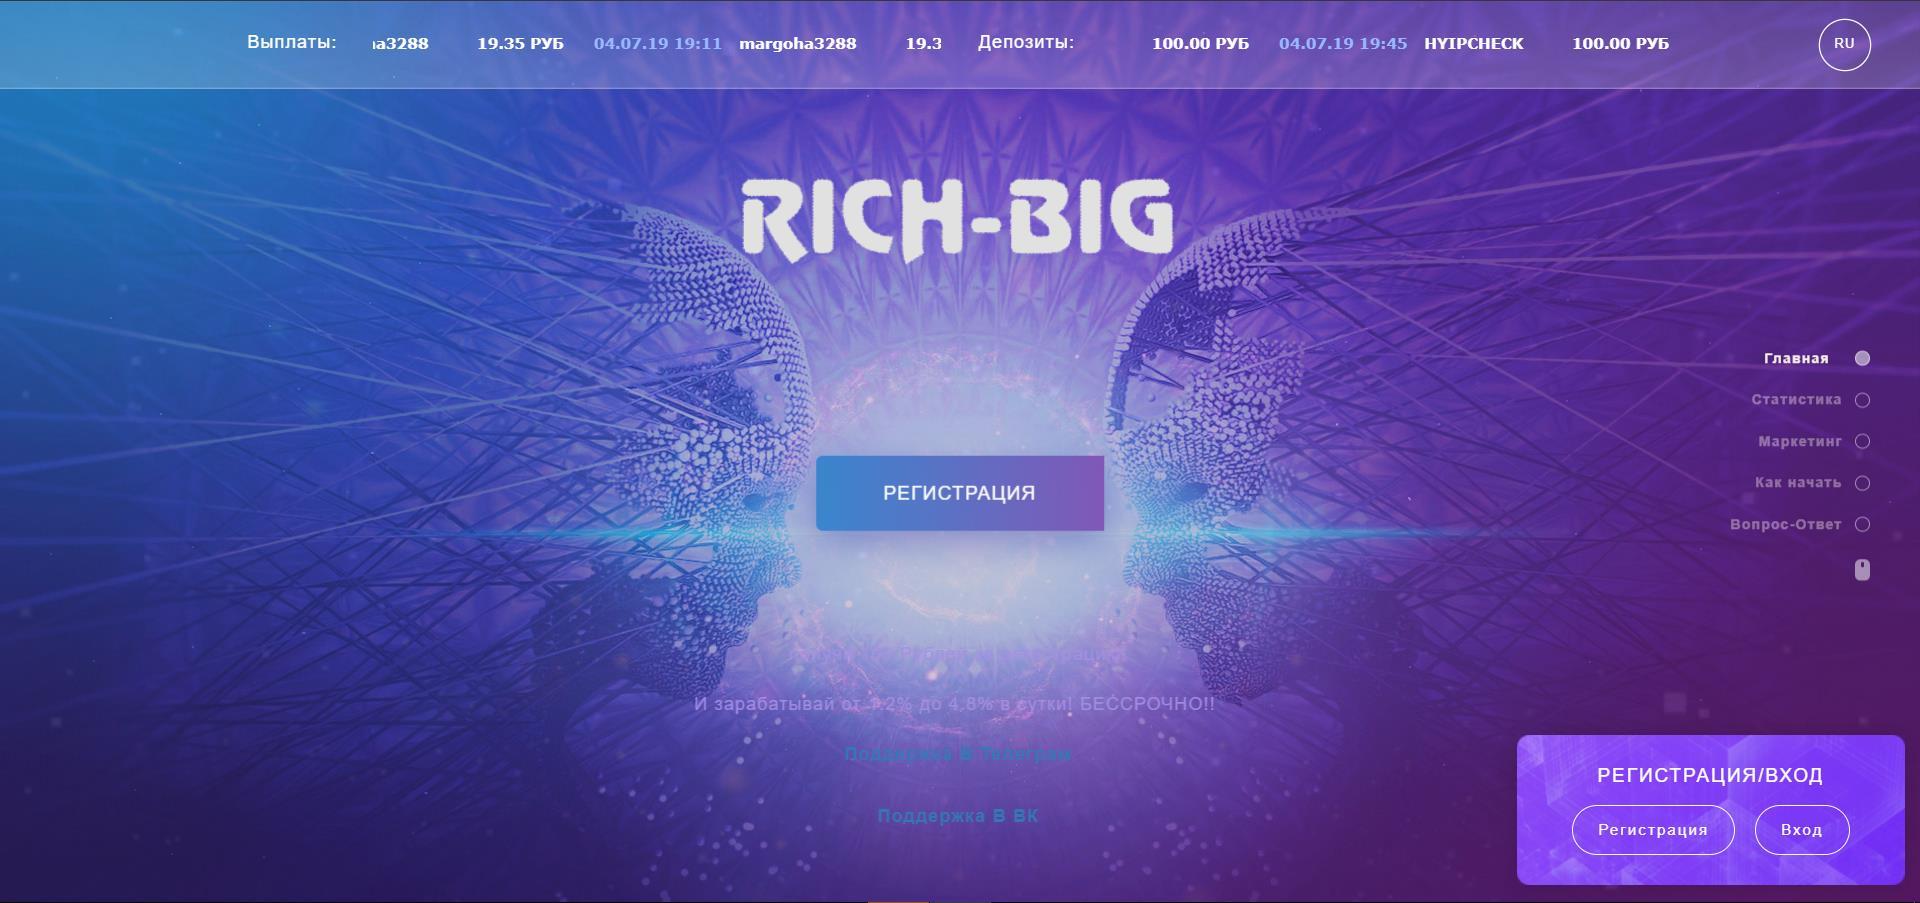 Rich-Big